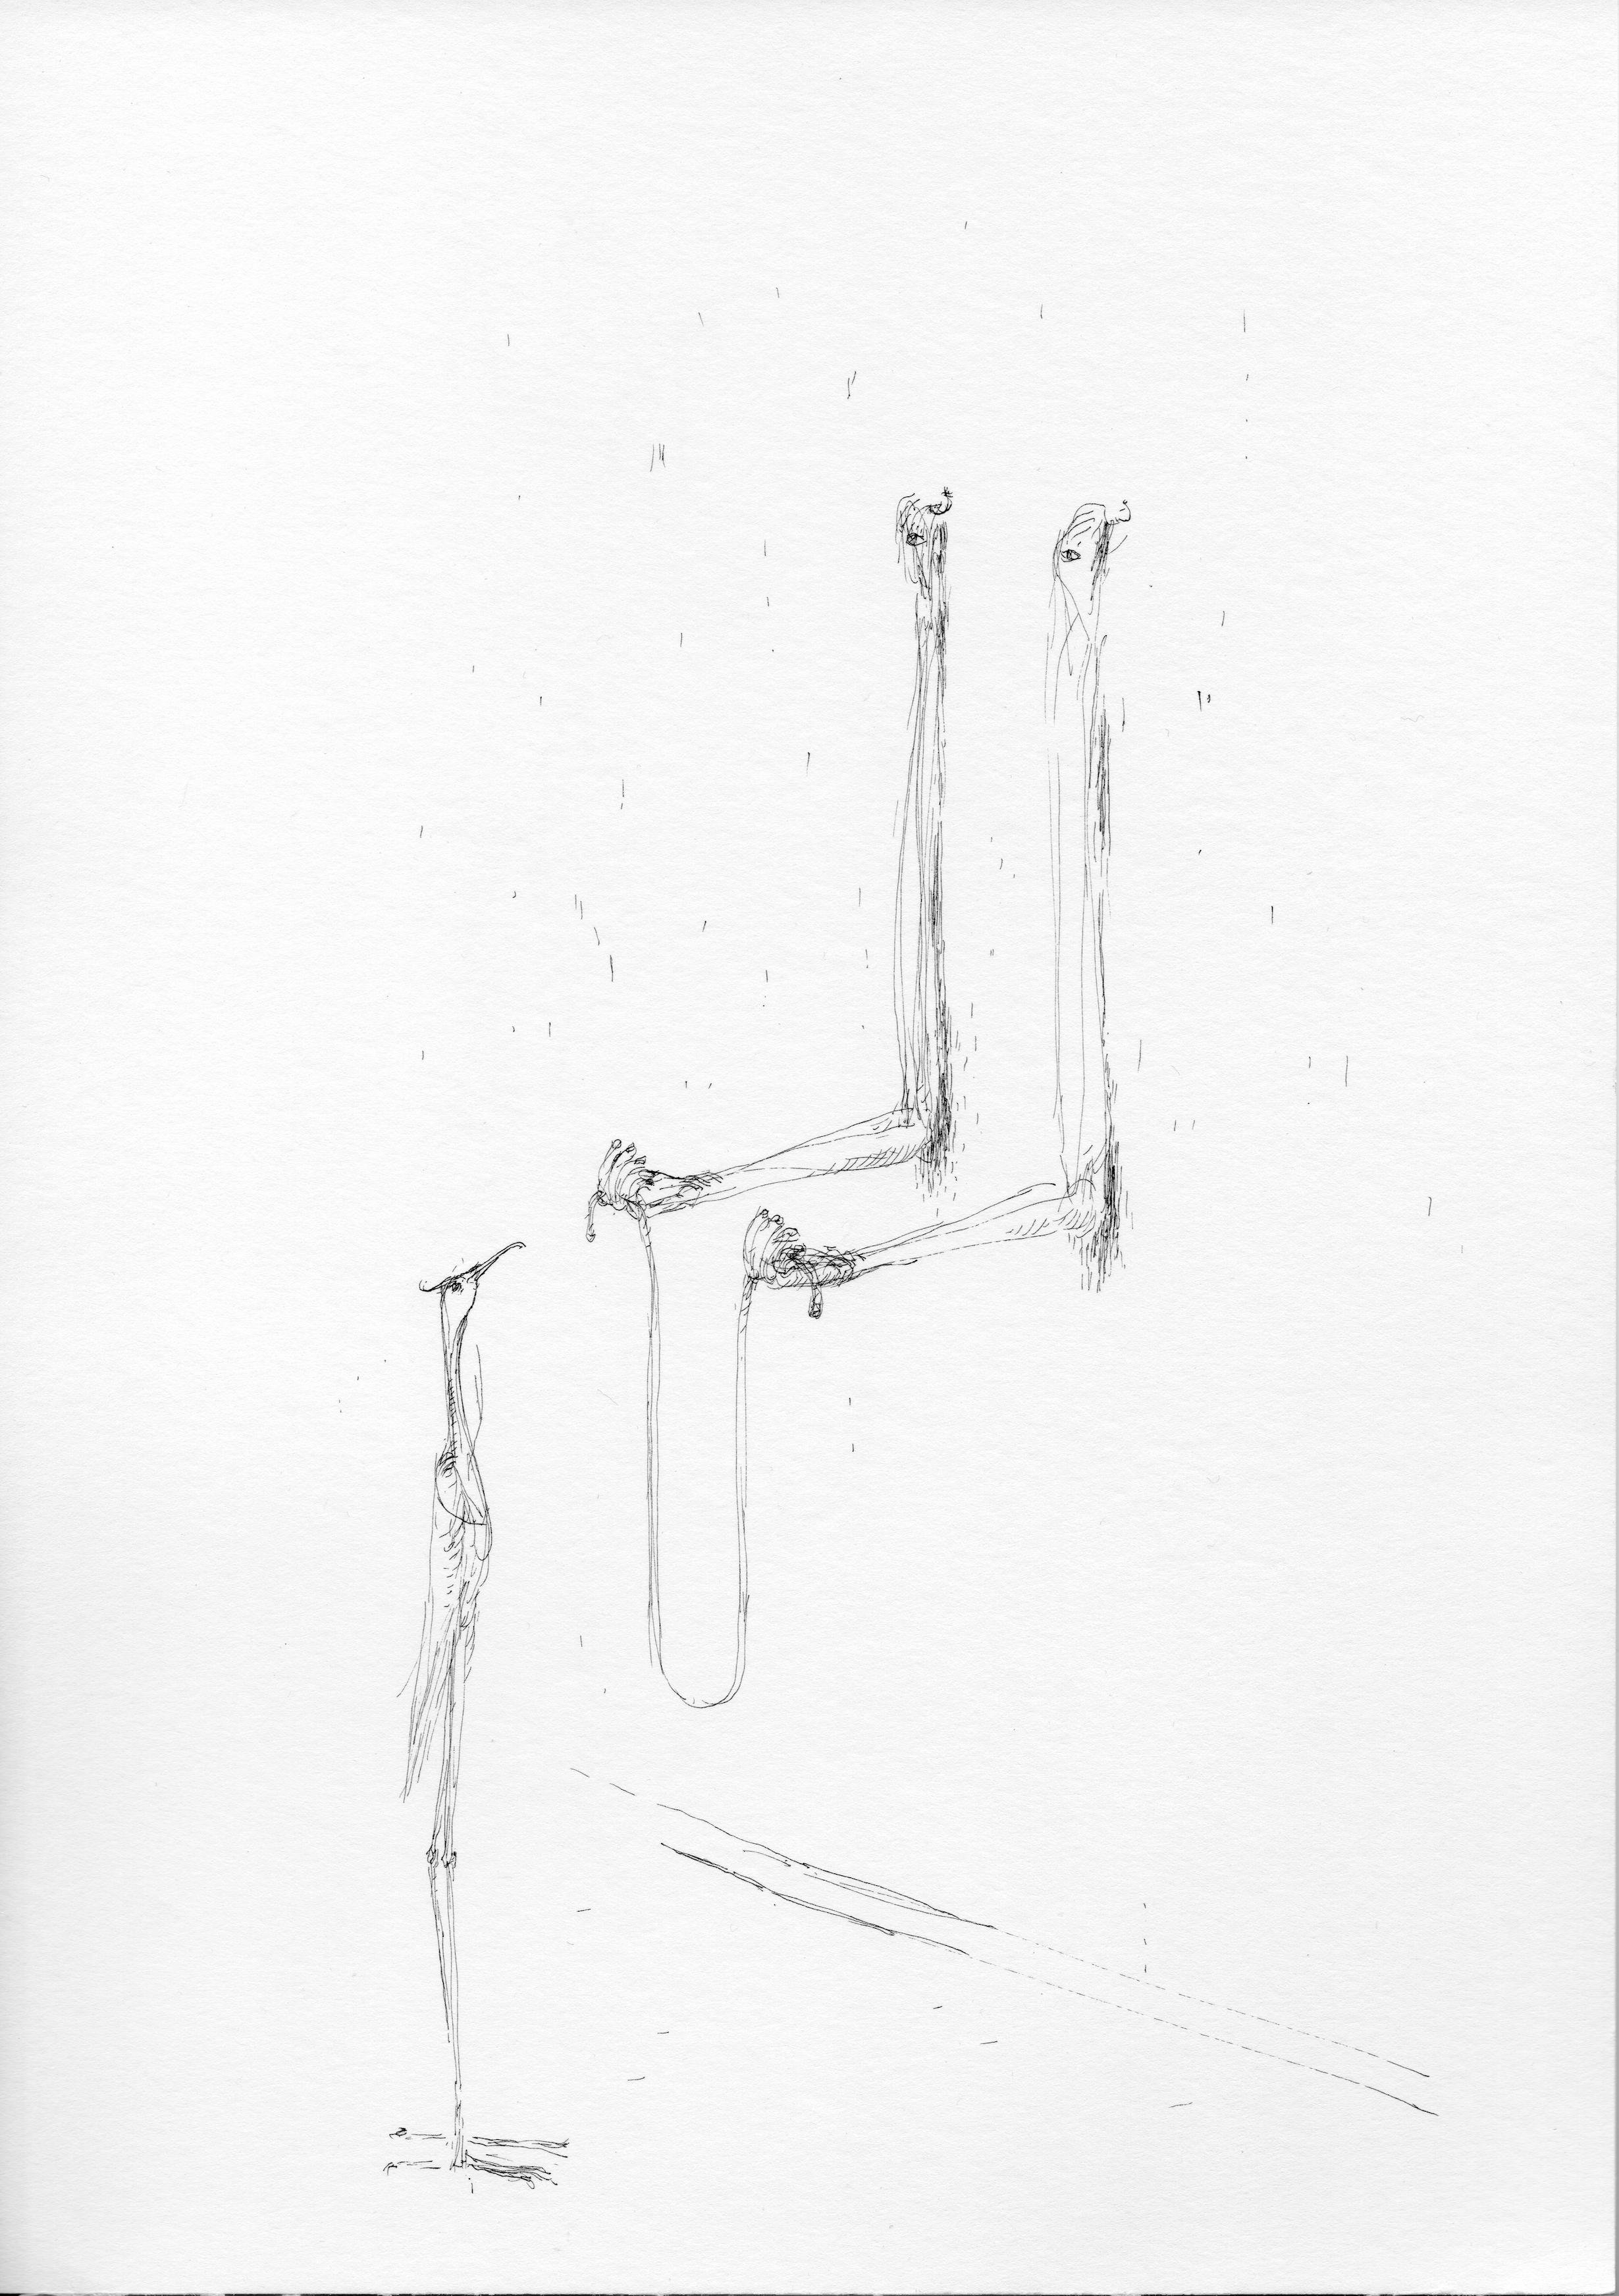 """© Nicolas Darrot, """"Sans titre"""" (081), encre de Chine sur papier, 39,7x42 cm, 2019."""